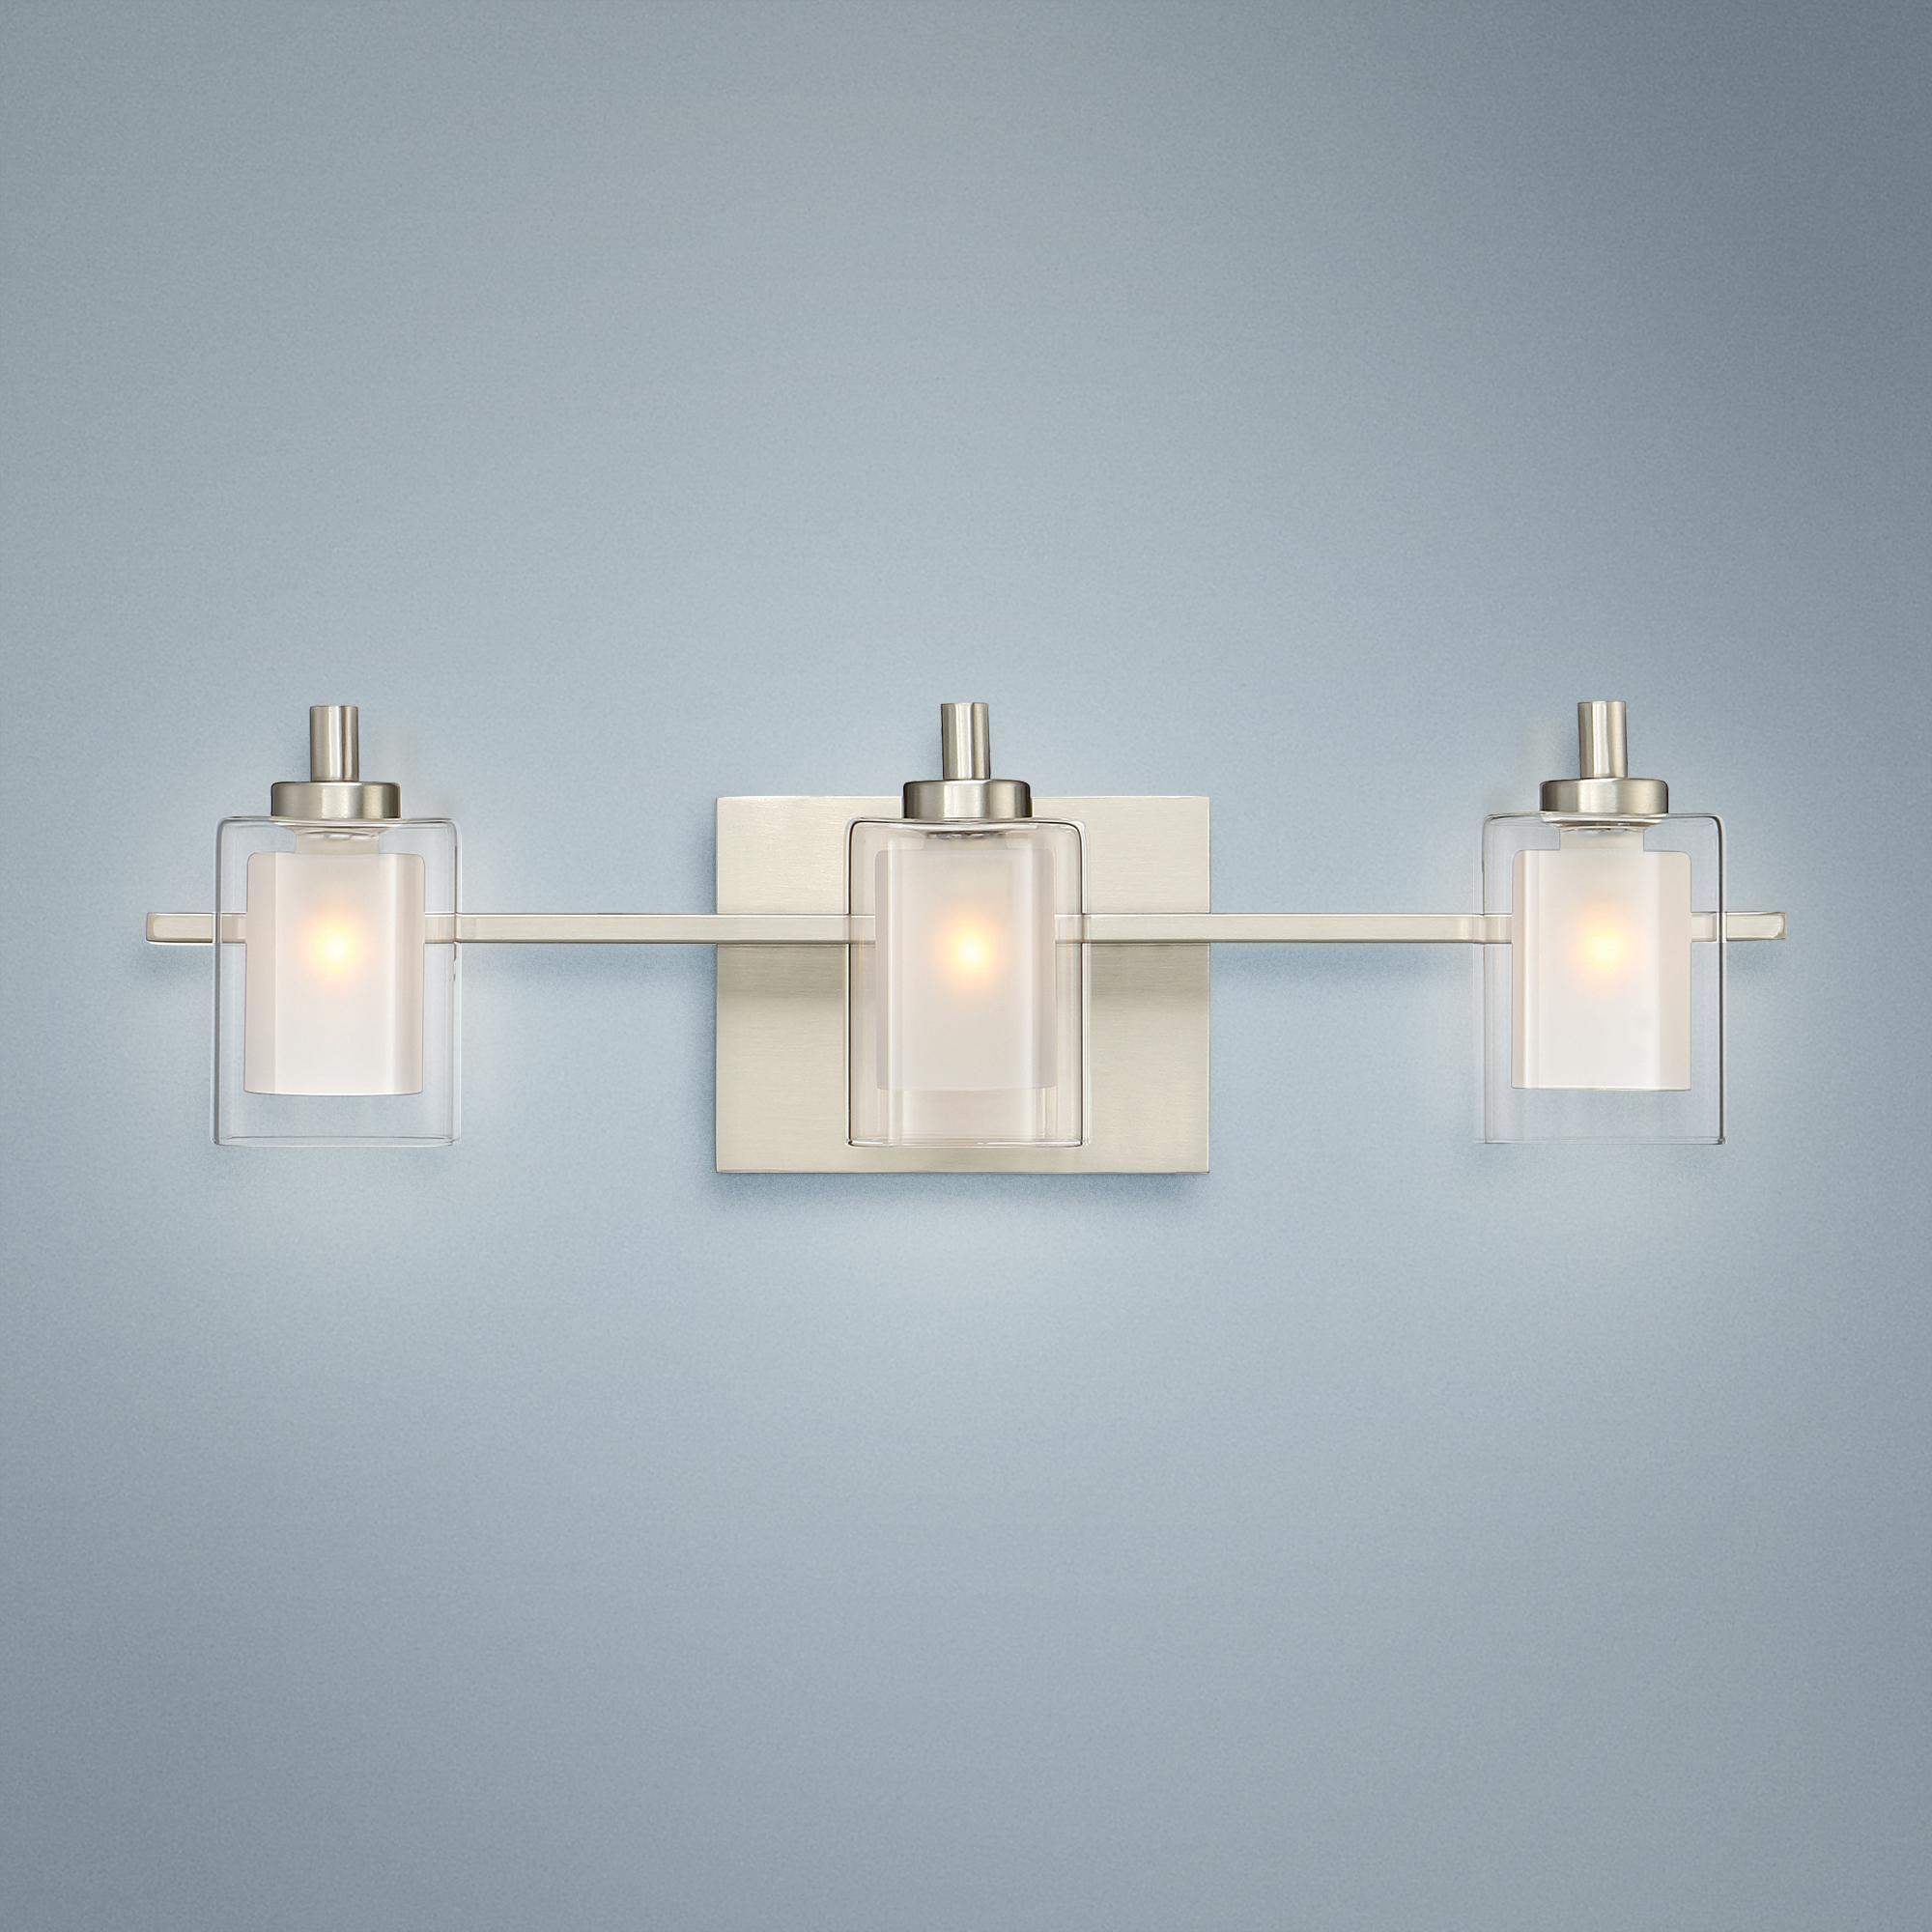 Bathroom Lighting Quoizel Kolt 21 Wide Brushed Nickel Led Bath Light Bath Light Bathroom Light Fixtures Led Vanity Lights